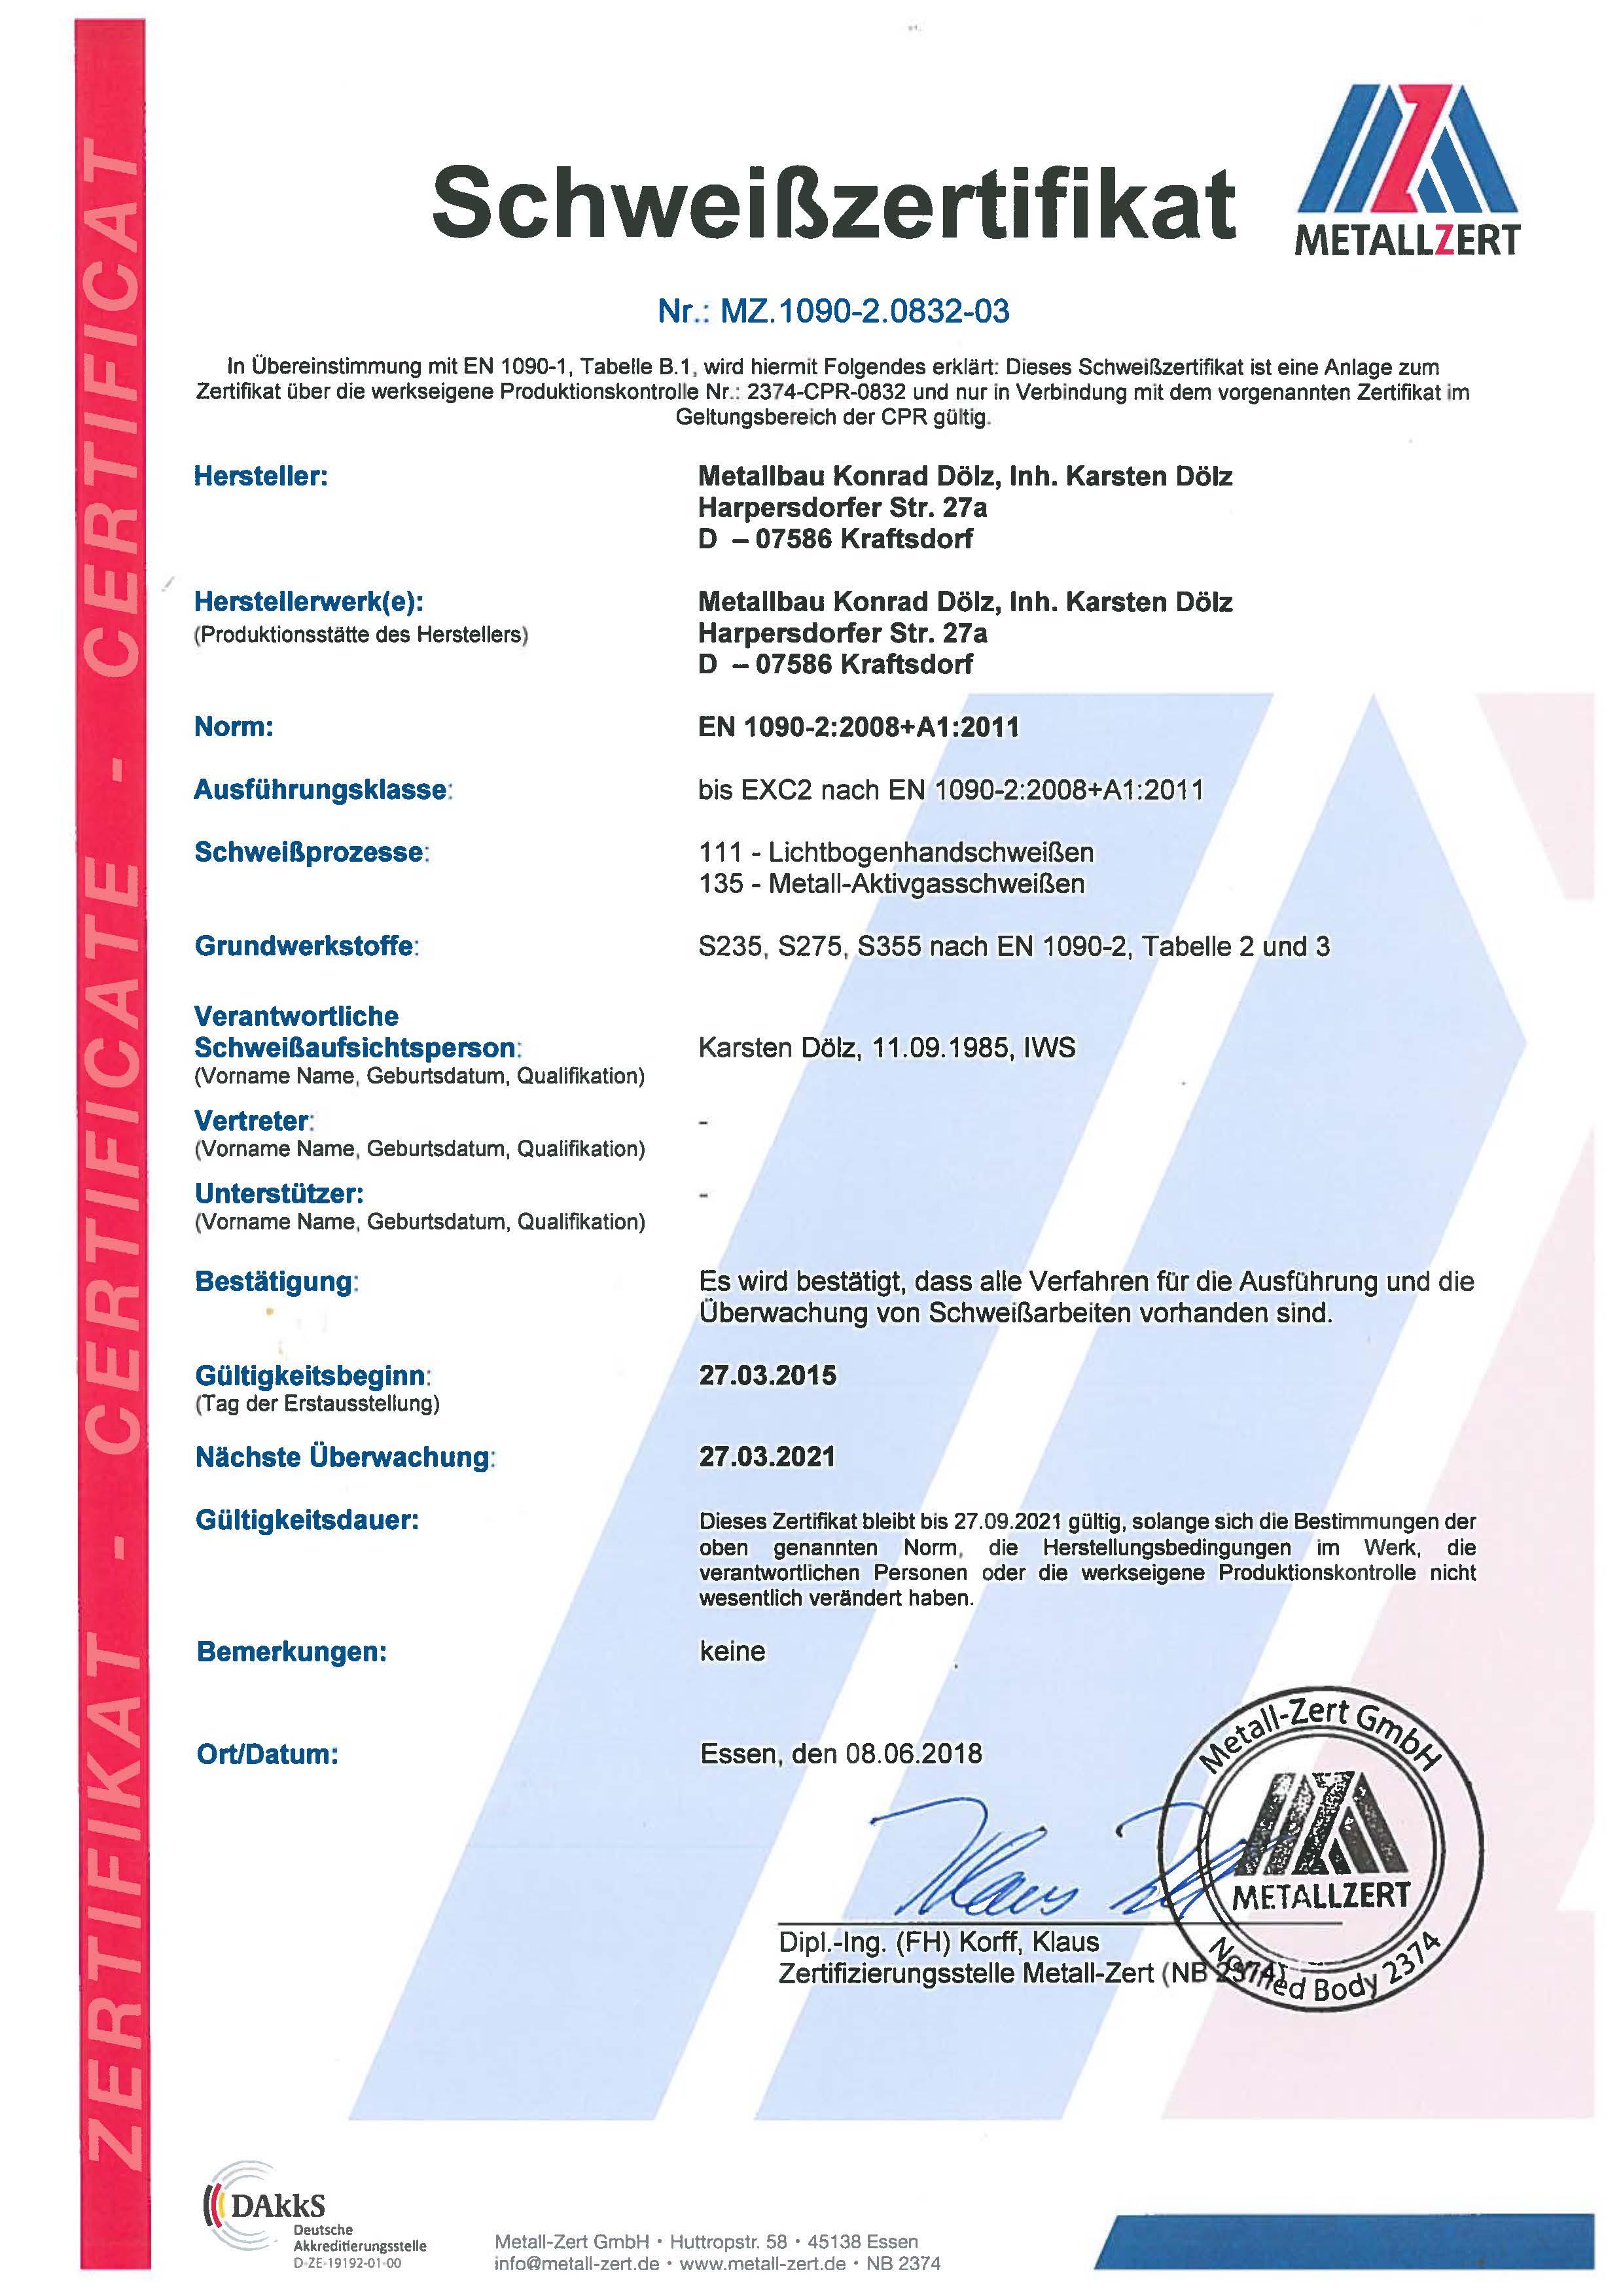 metallbau-doelz-glaskonstruktionen-treppenbau-gelaender-sonderanfertigungen-155-1